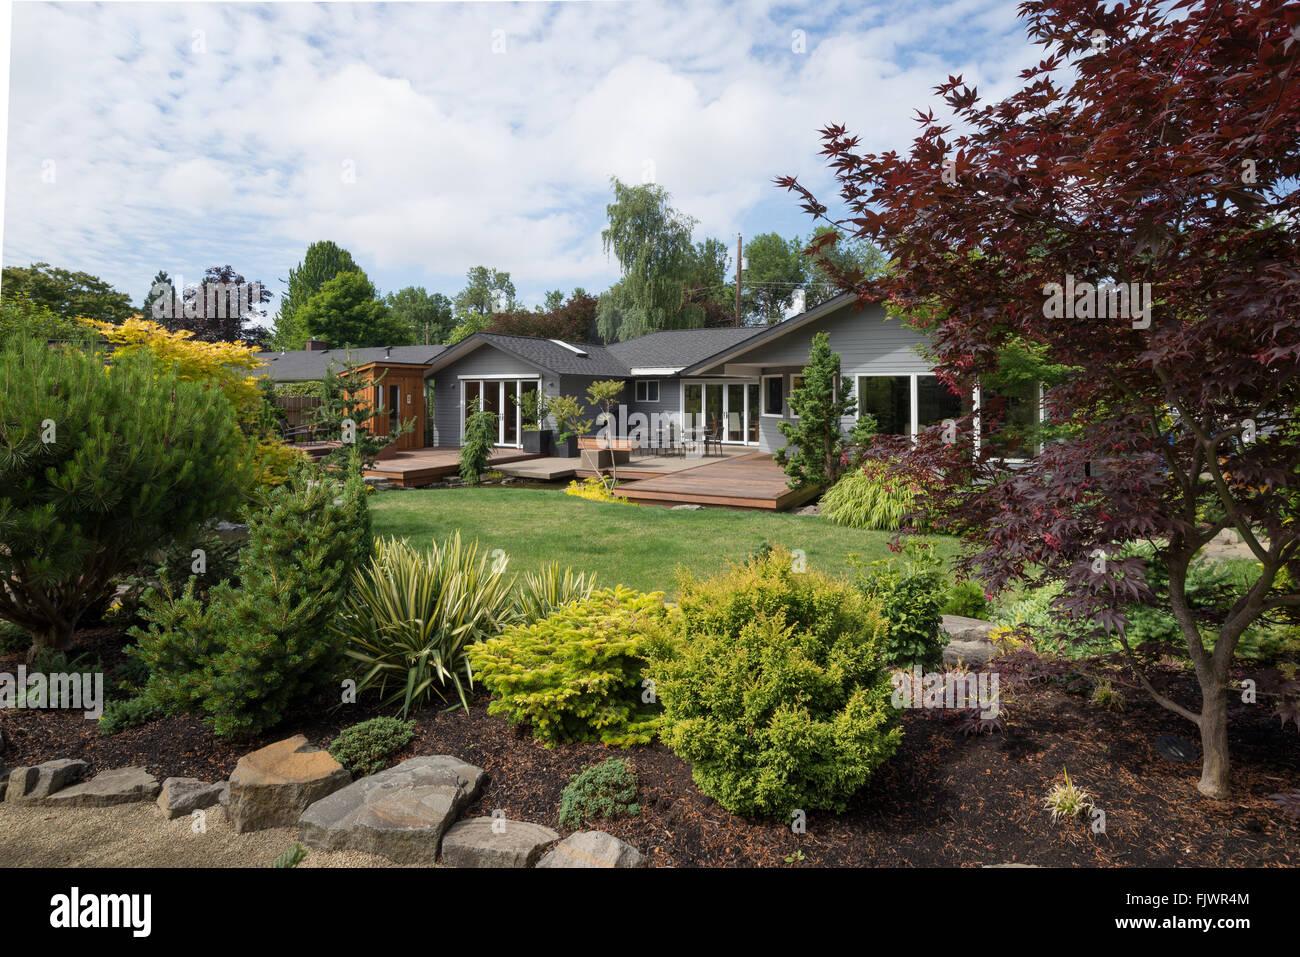 Ein Zeitgenössisches Zuhause Sehen Sie über Den Hinterhof Rasen Mit Rock  Und Immergrünen Landschaft Im Vordergrund An Einem Milden Sommerabend